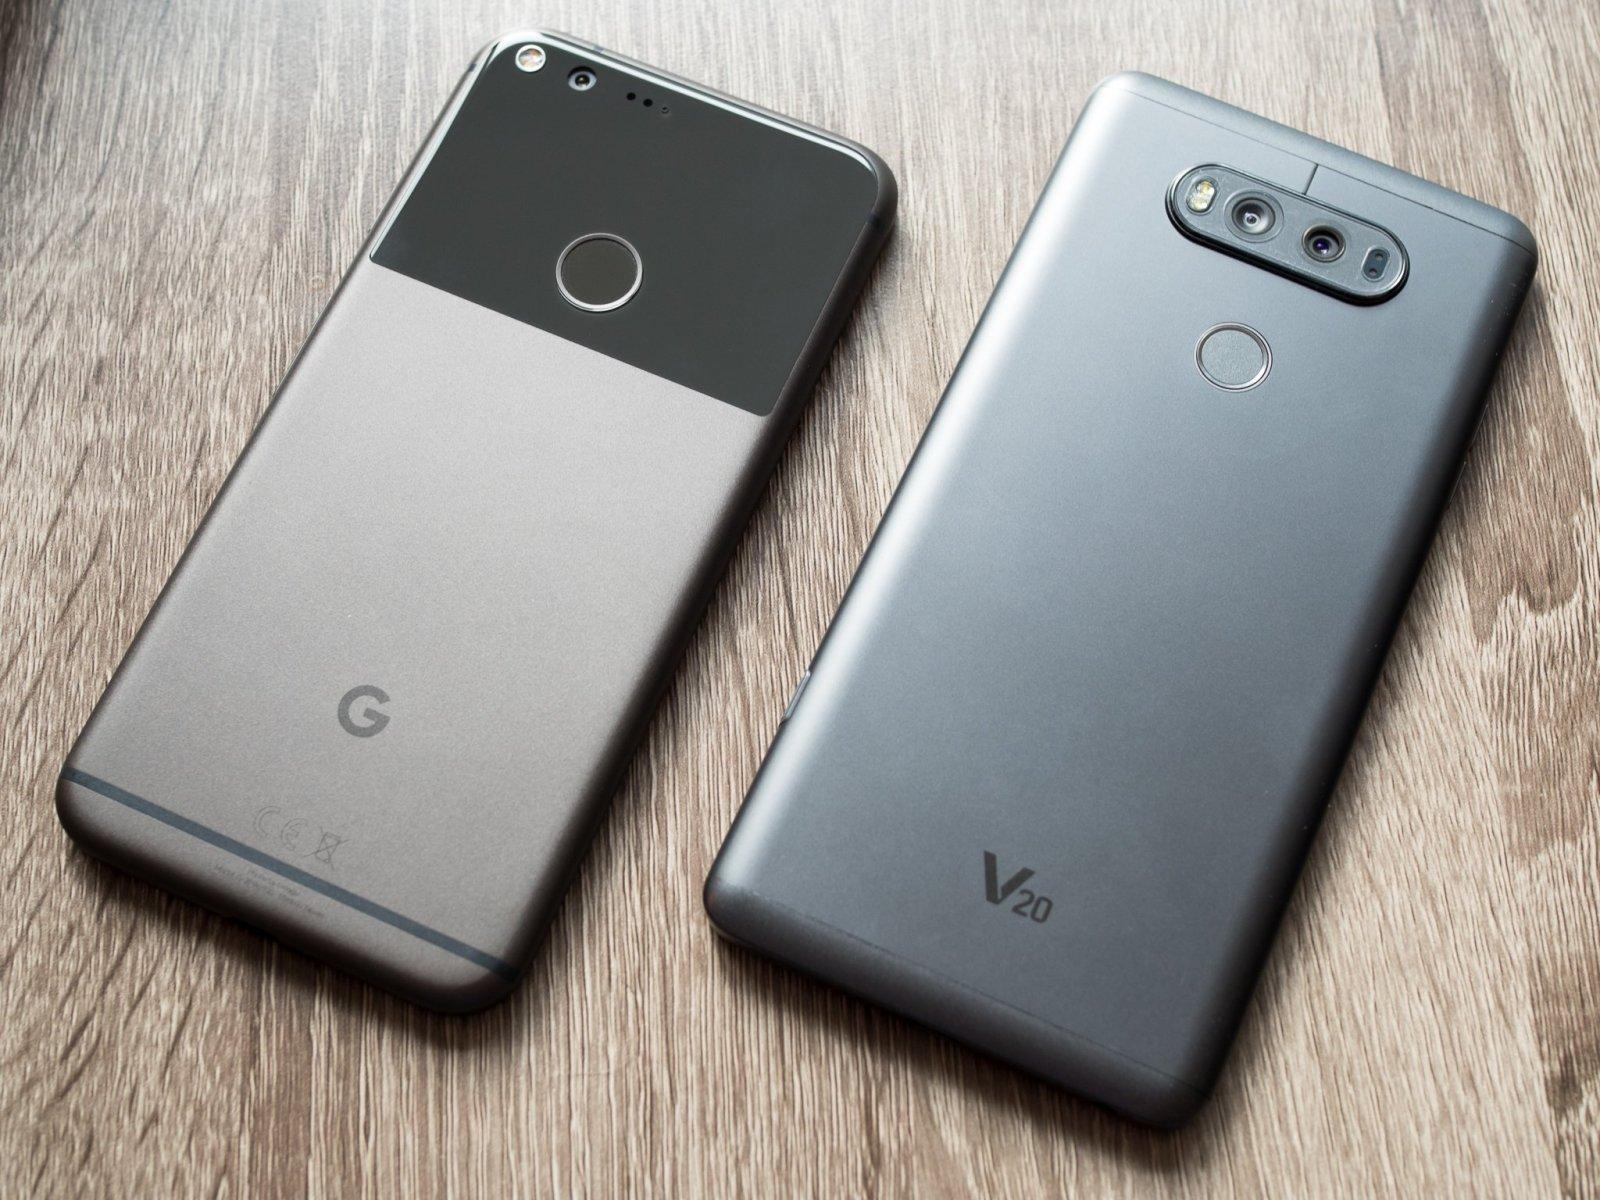 Camera-comparison-lg-g6-vs-pixel-xl